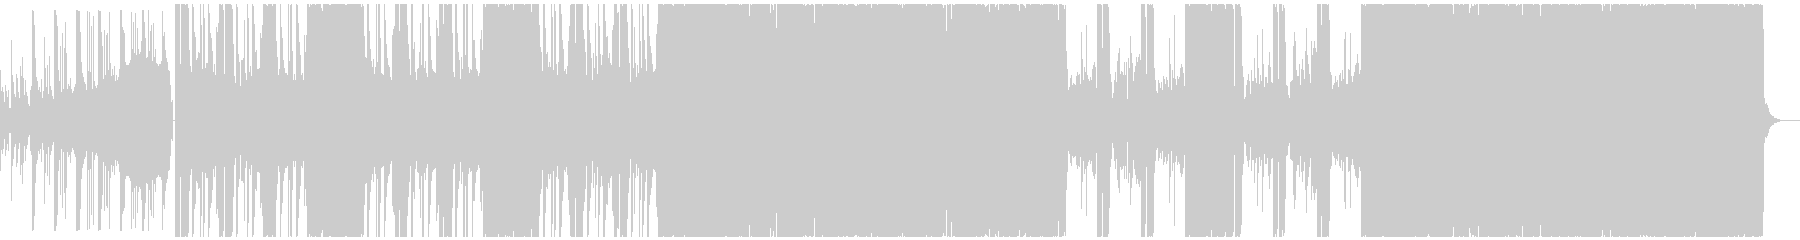 激しいデジタルなエレキロックBGMの未再生の波形